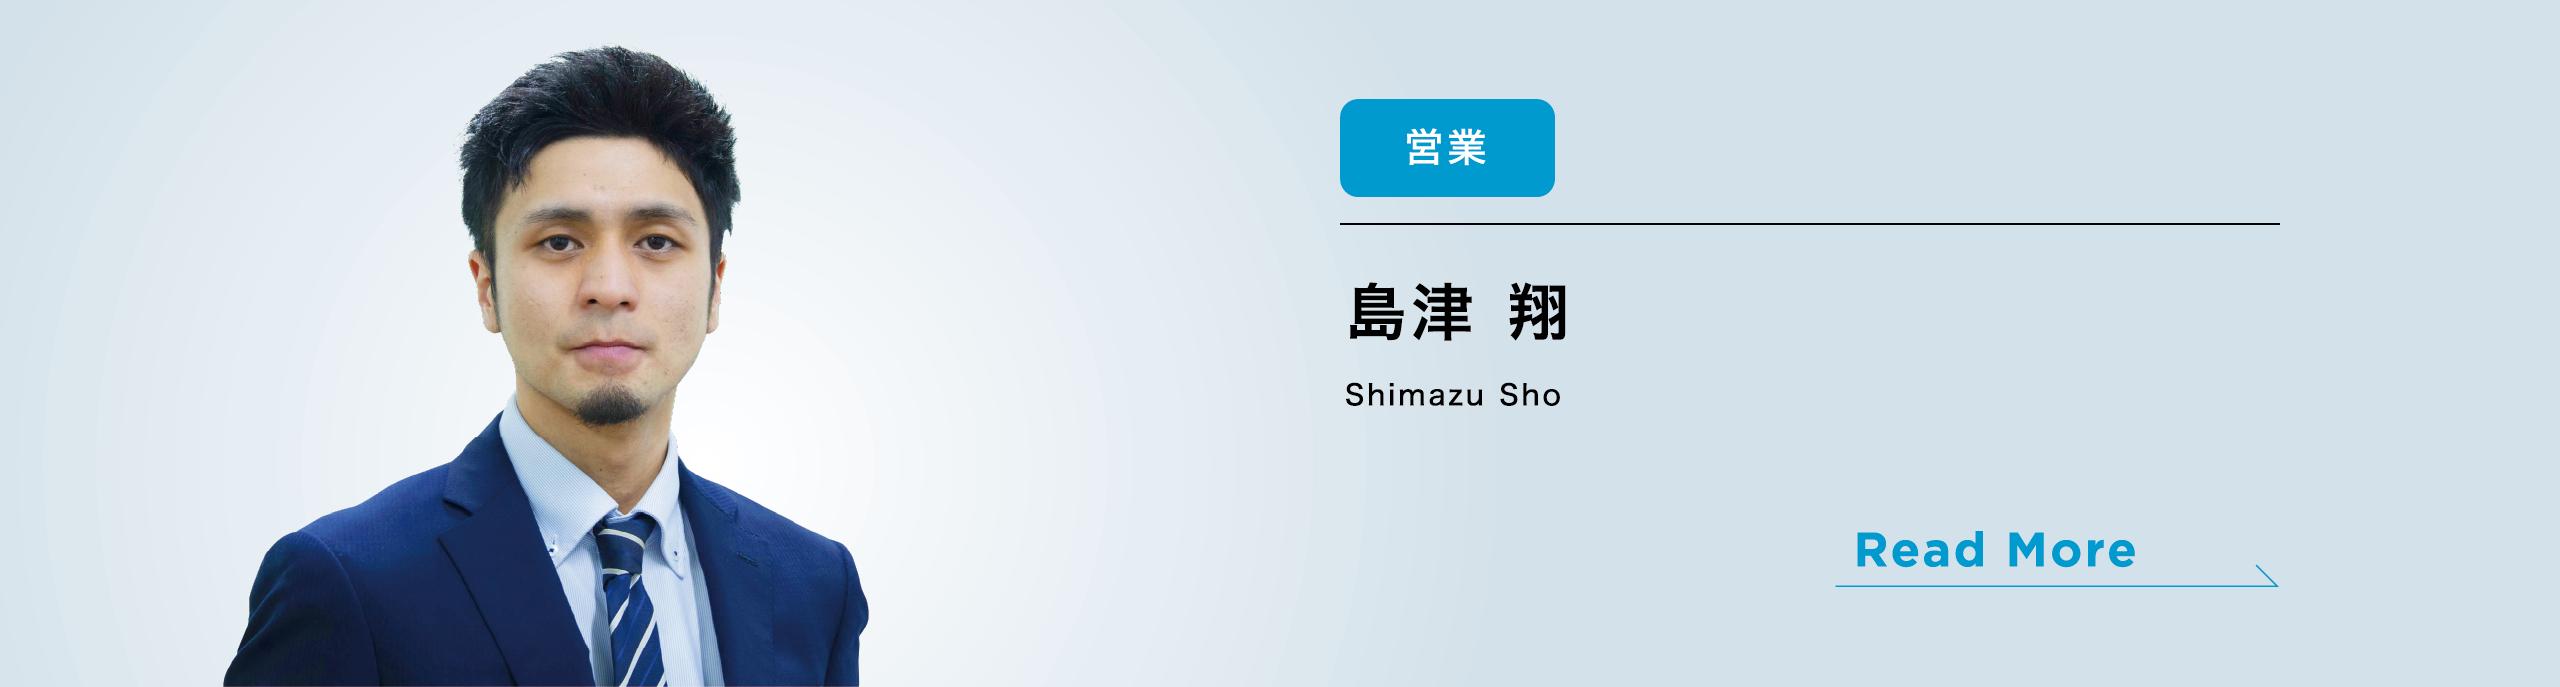 Sho Shimazu